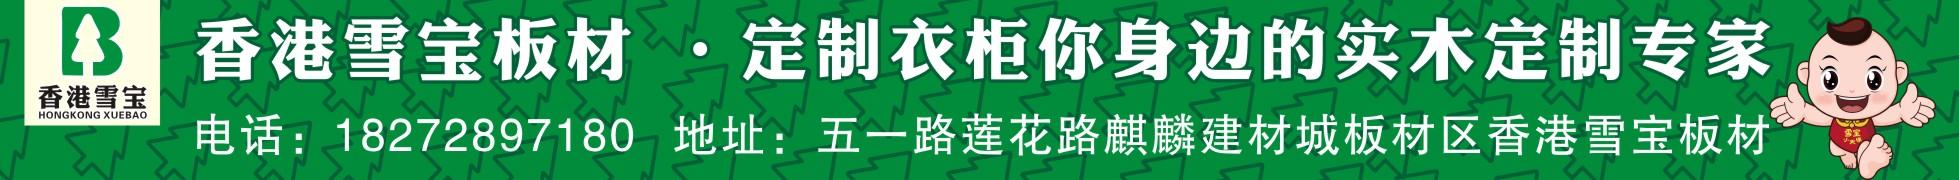 澳门威尼斯人游戏香港雪宝板材·定制衣柜